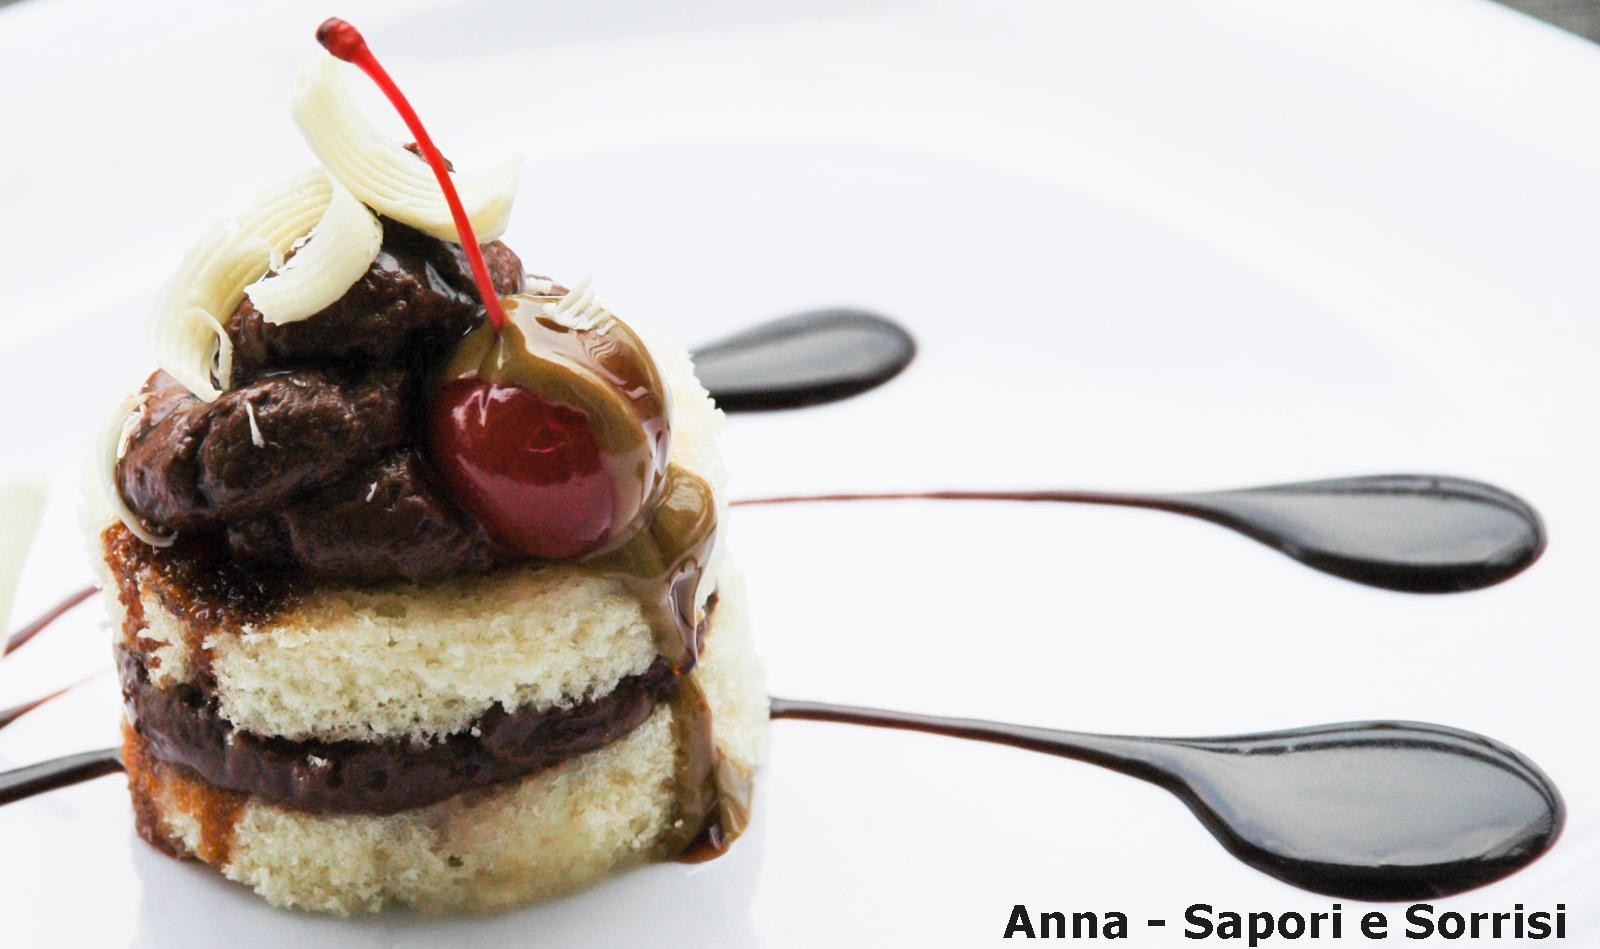 Decorazioni Piatti Cucina | Come Impiattare Bene Italiano Sveglia